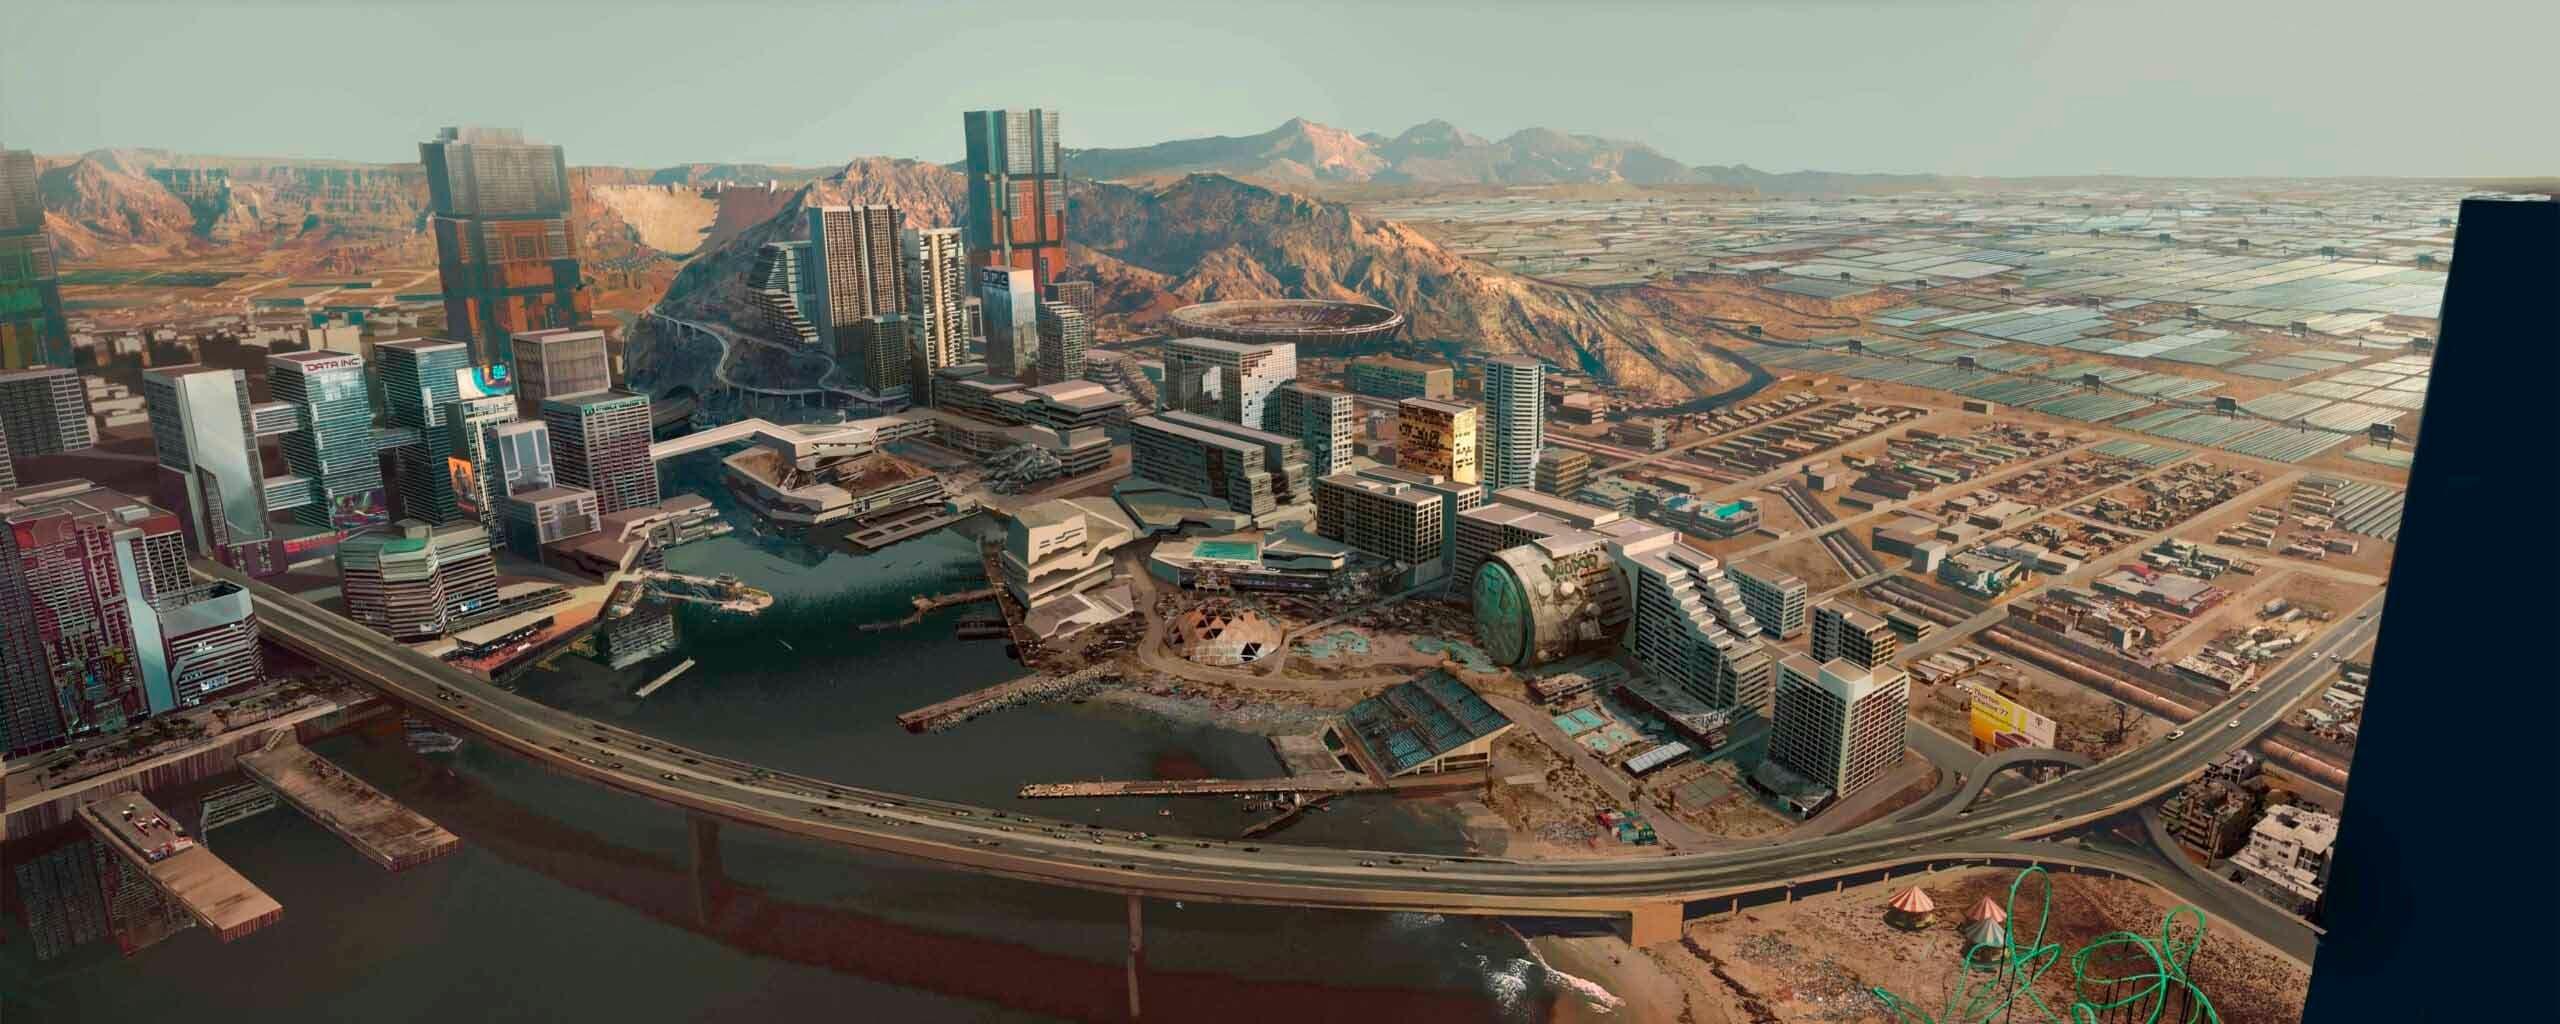 La ciudad de Cyberpunk 2077 protagonista de varias imágenes 3